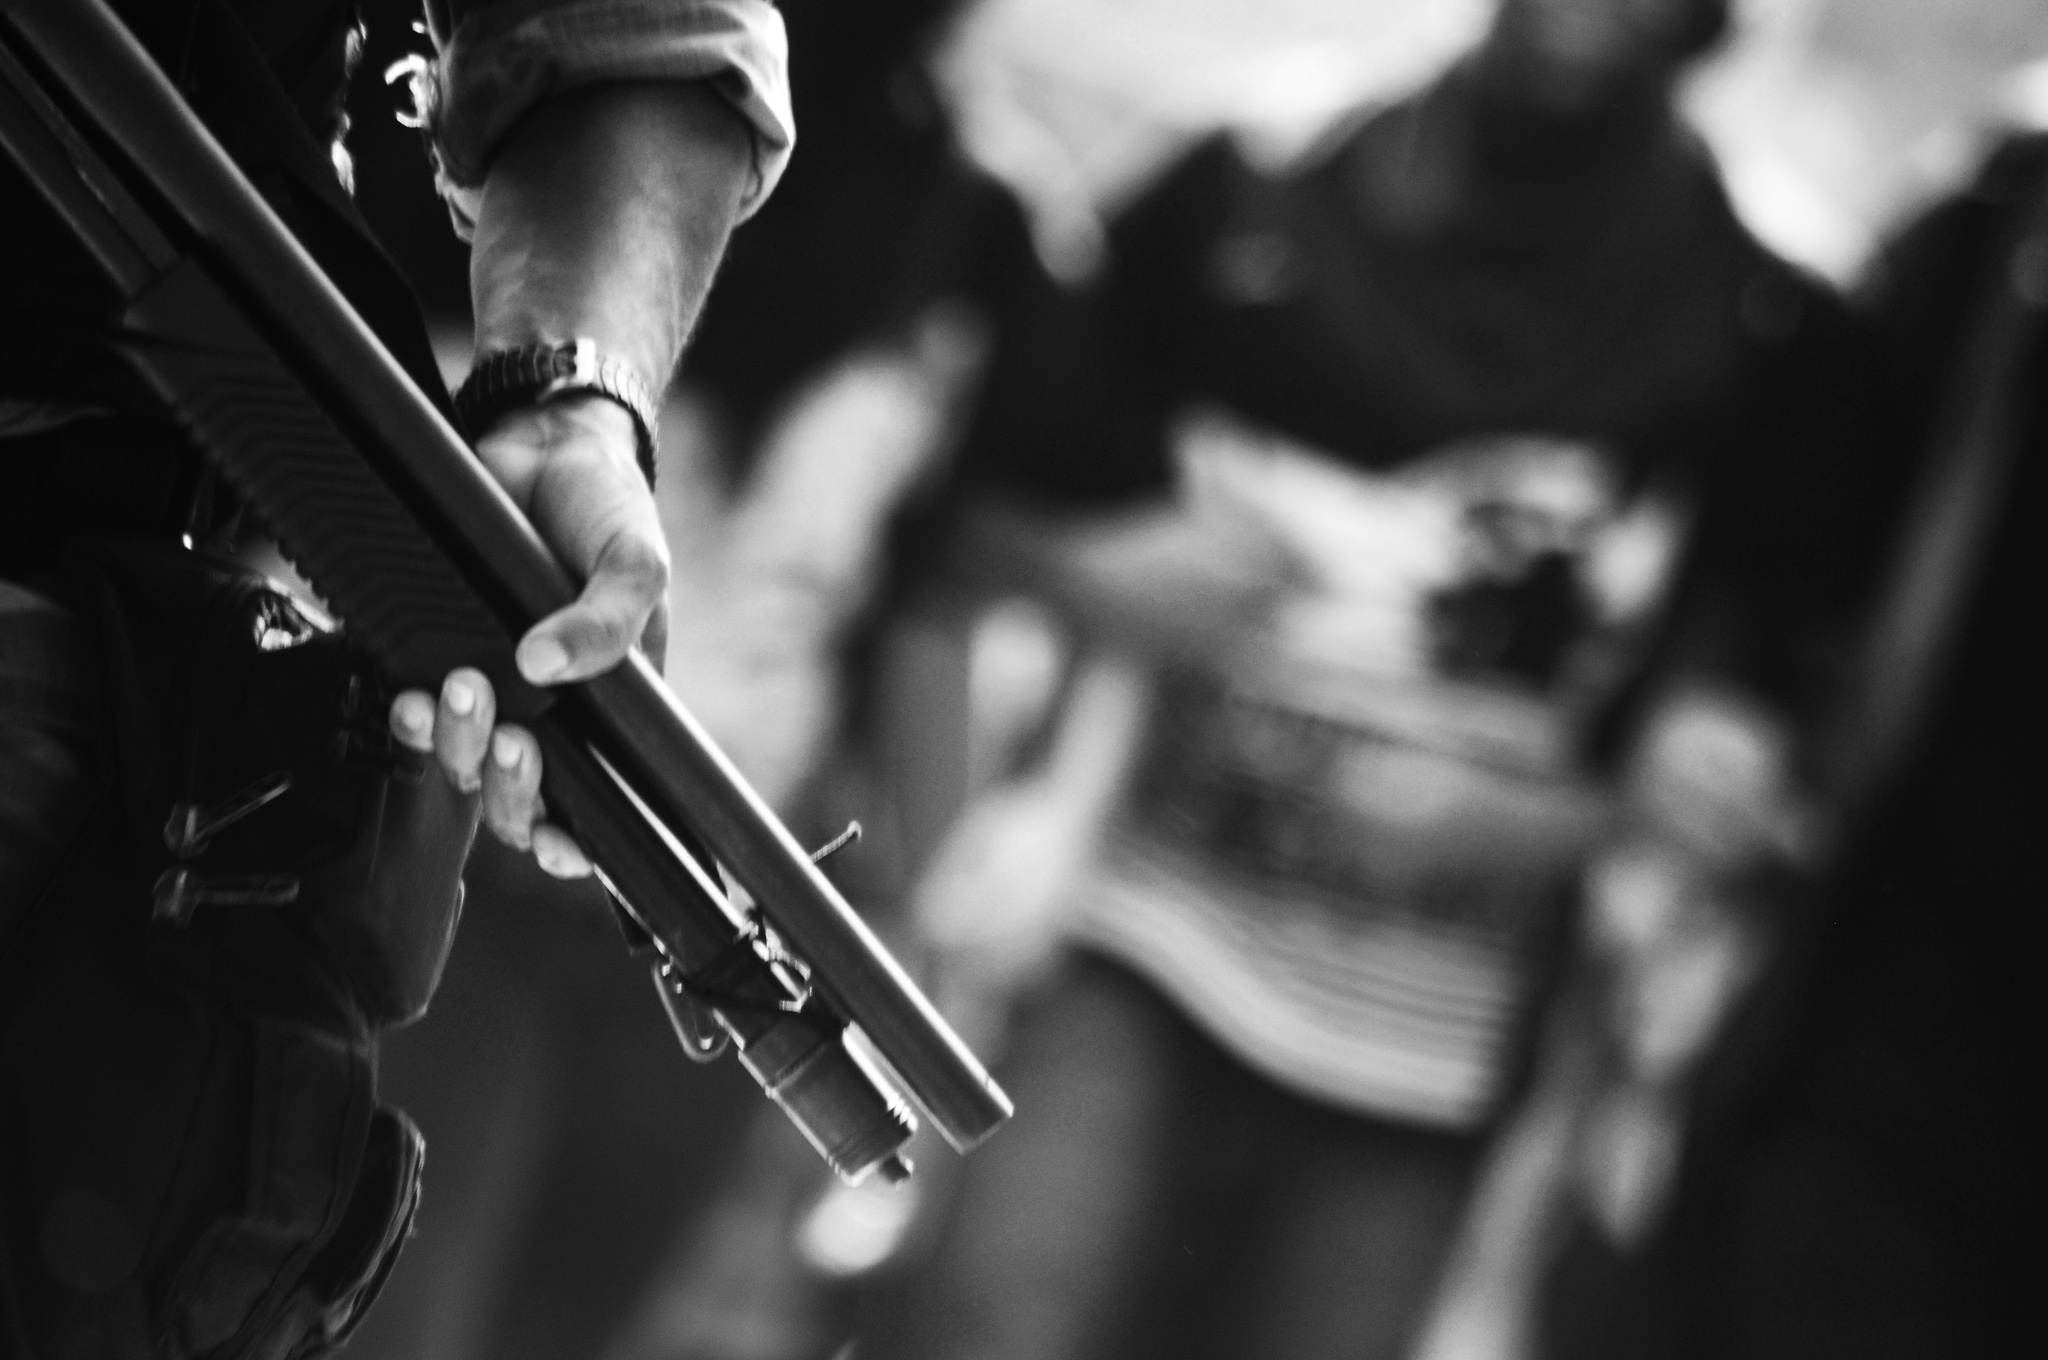 Chacinas de Belém: o papel da polícia